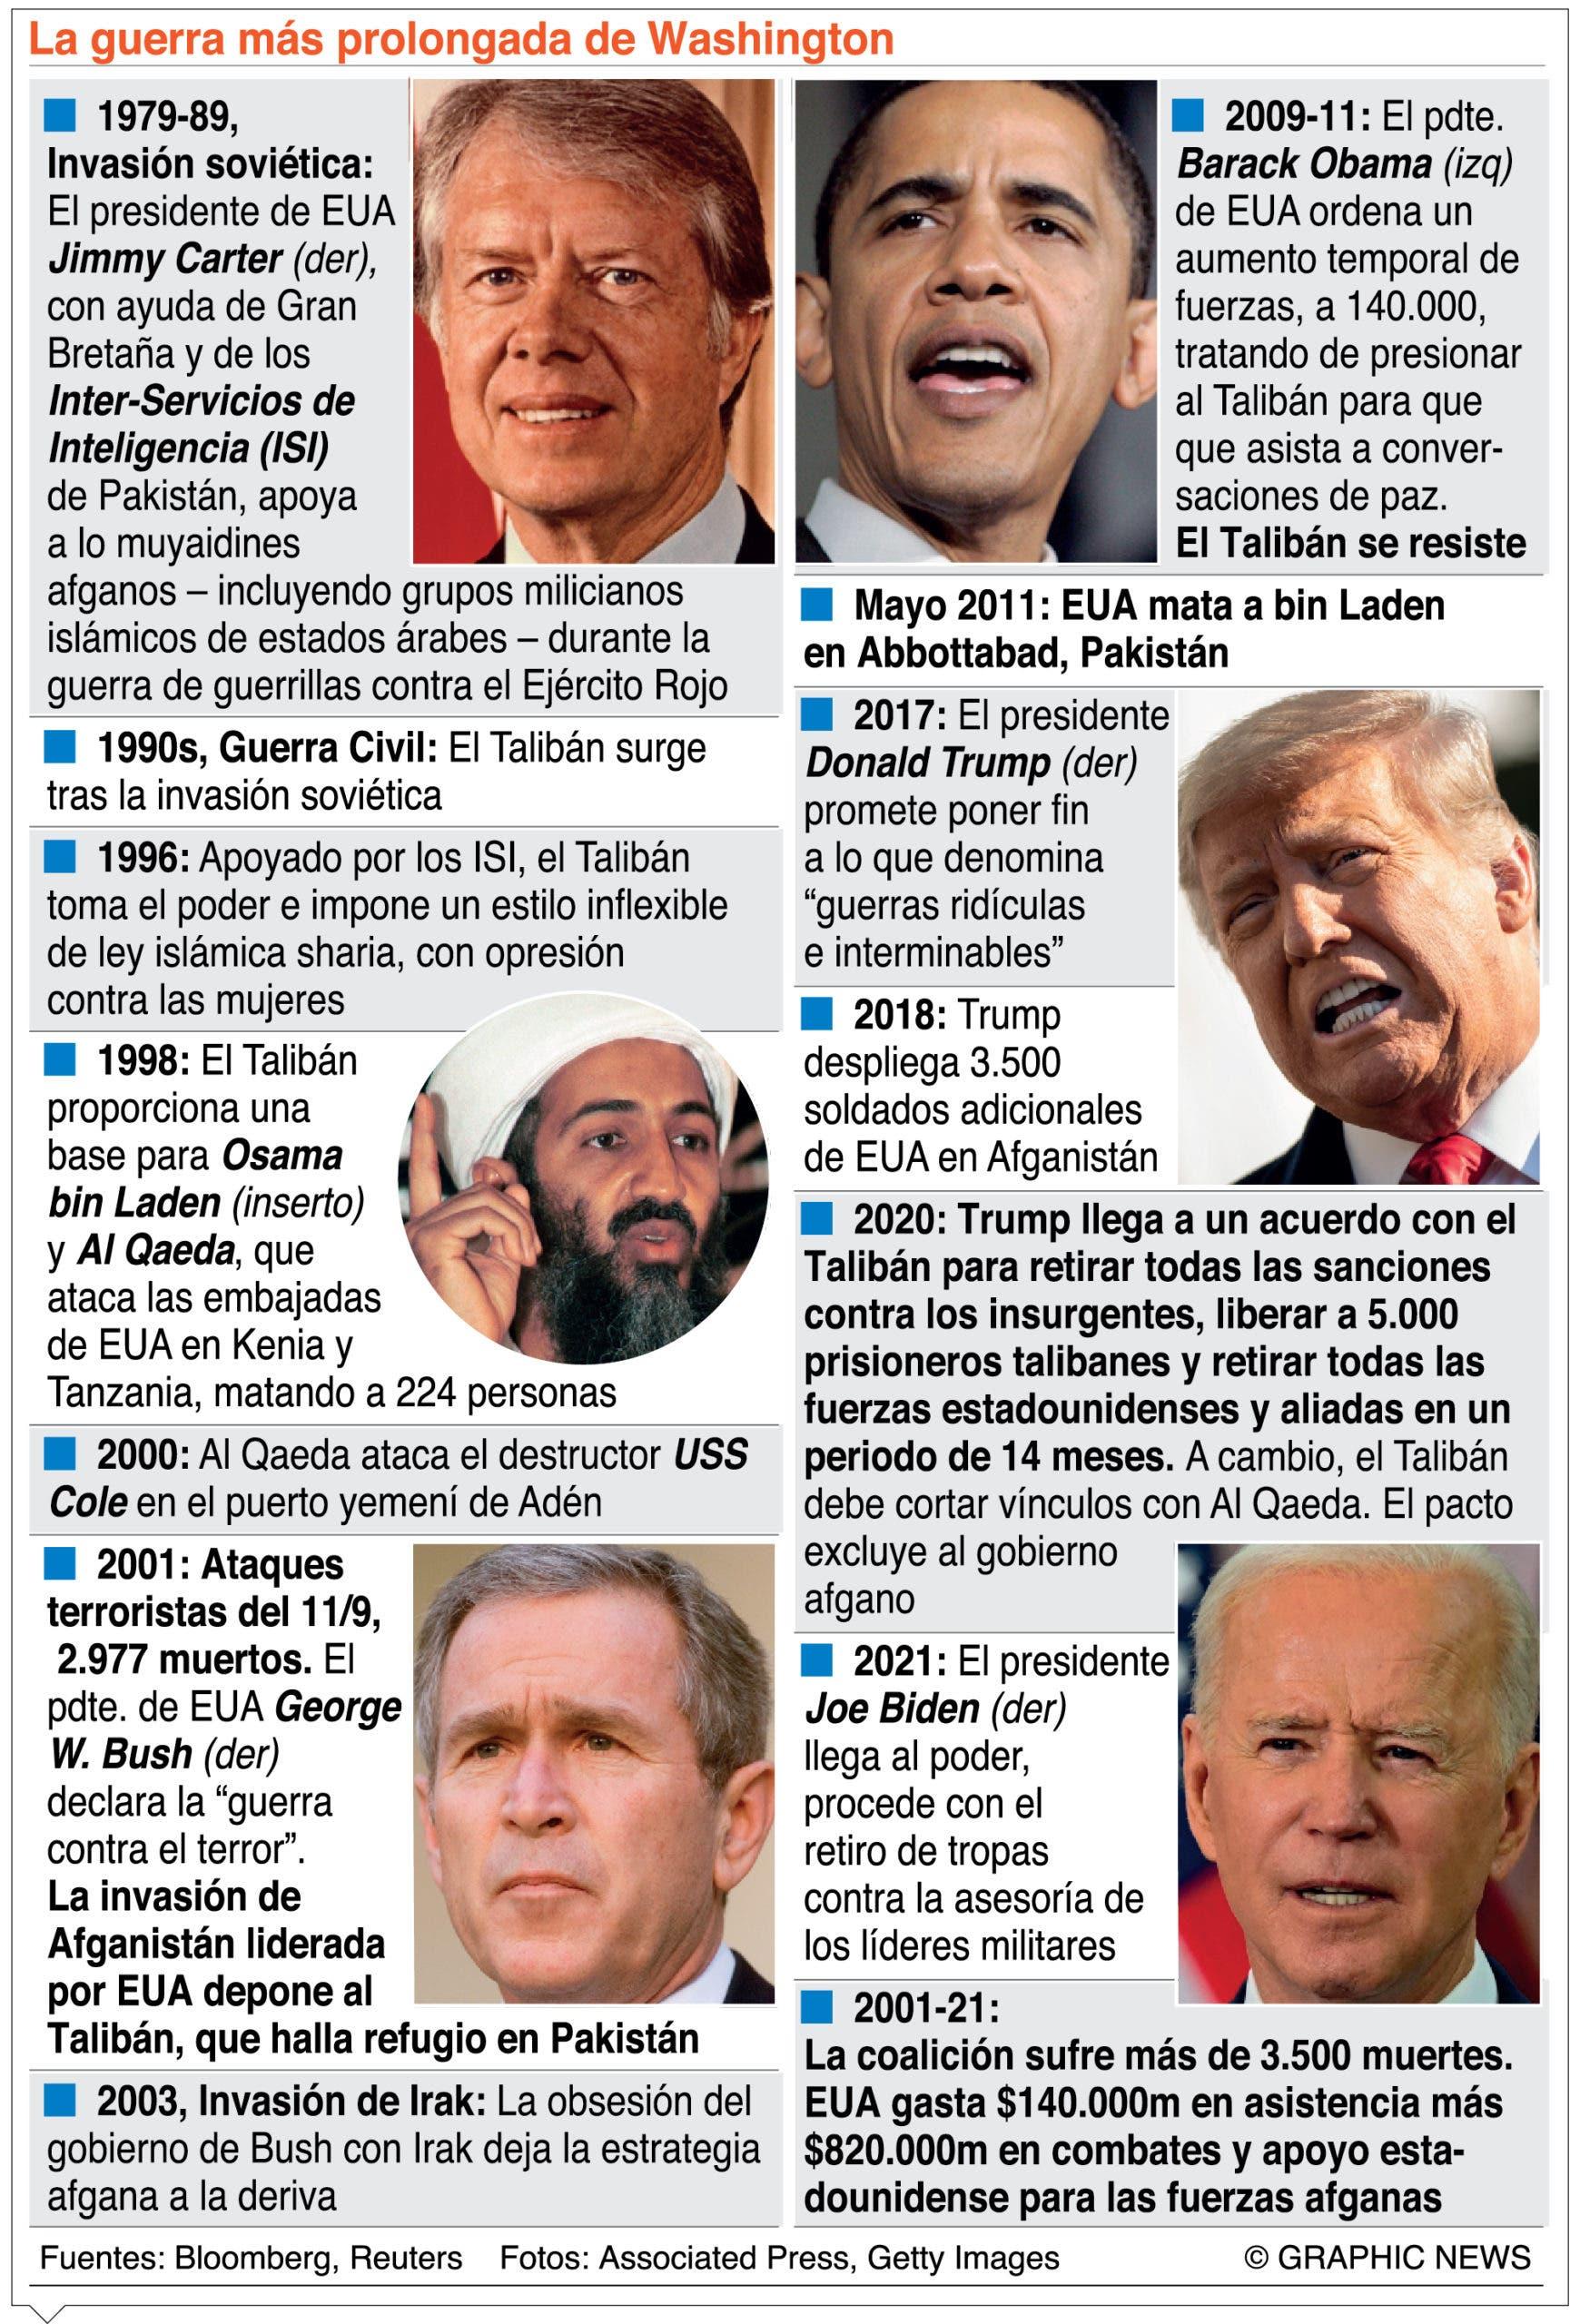 Joe Biden y Boris Johnson convocan cumbre del G7 sobre Afganistán